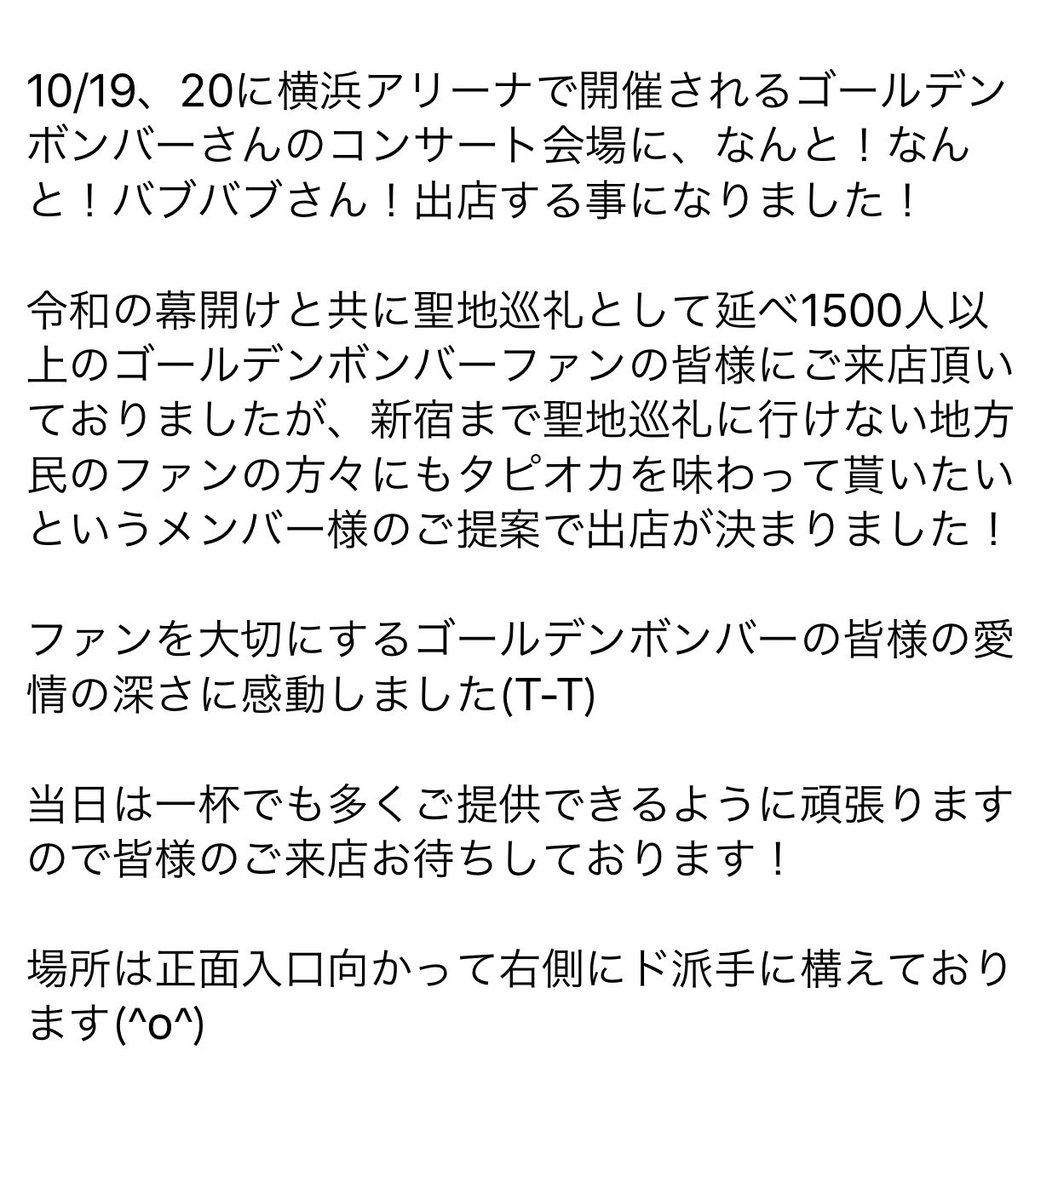 バブバブです♬告知です!!皆さん見て下さい!#ゴールデンボンバー #地方民ツアー#横浜アリーナ#バブリーバブルス#タピオカ